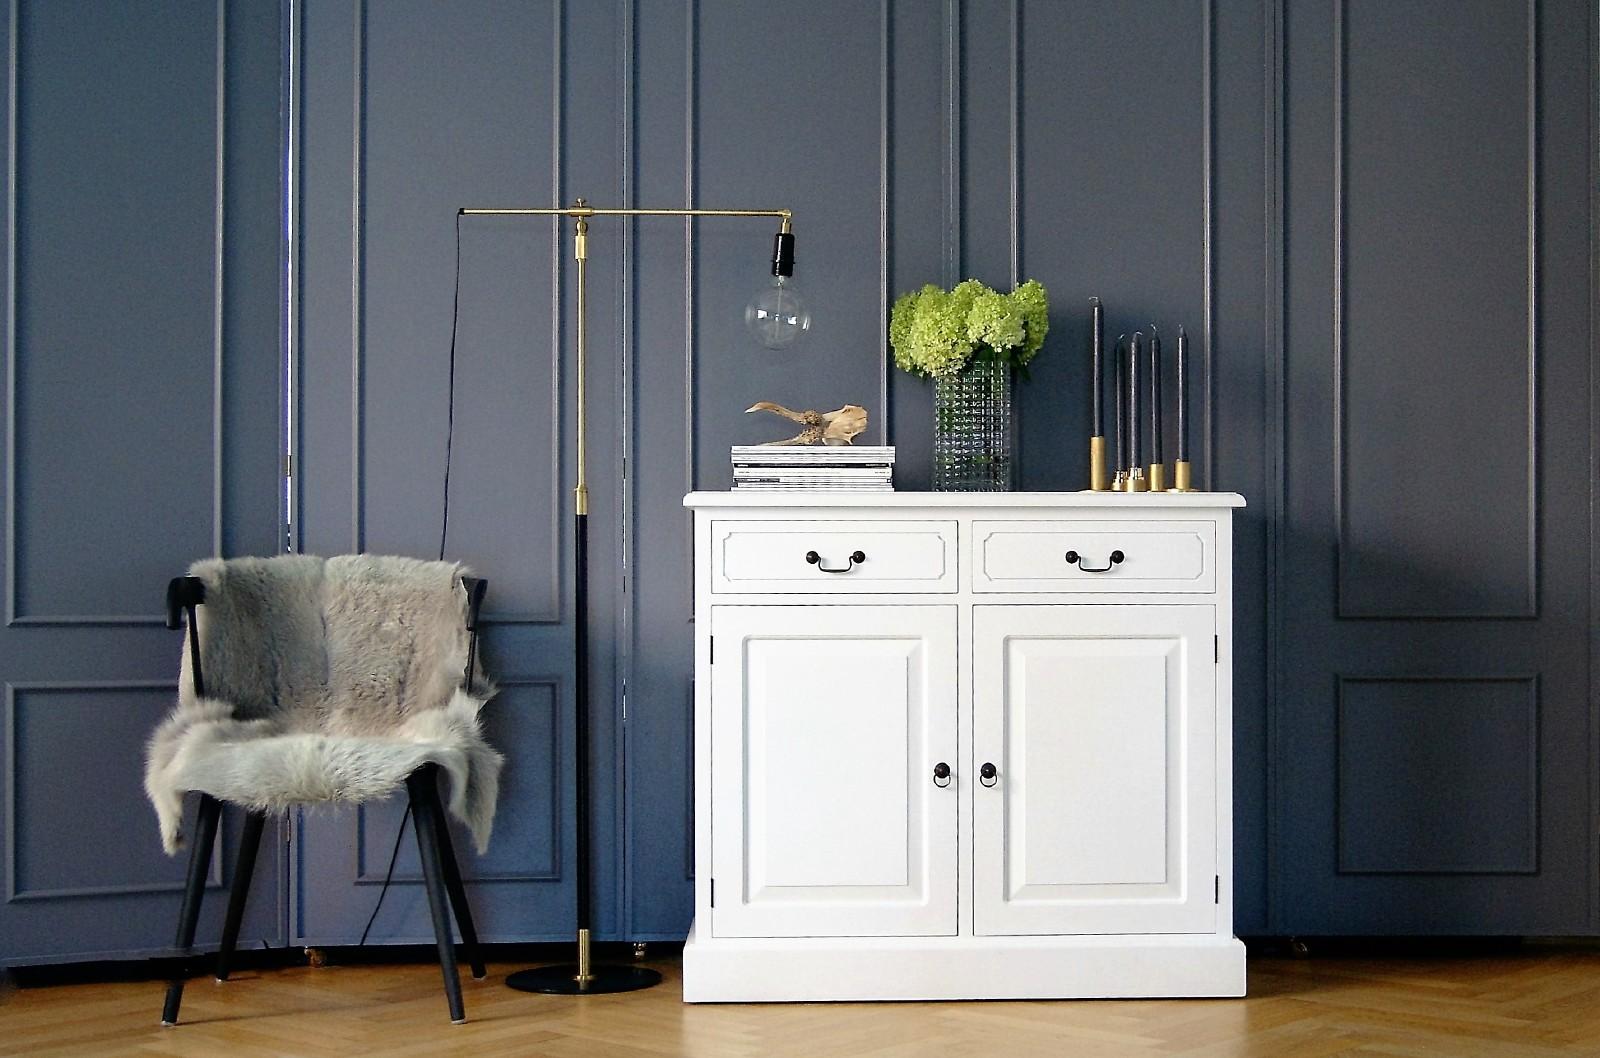 altholzm bel landhausm bel industriedesign shabby m bel. Black Bedroom Furniture Sets. Home Design Ideas